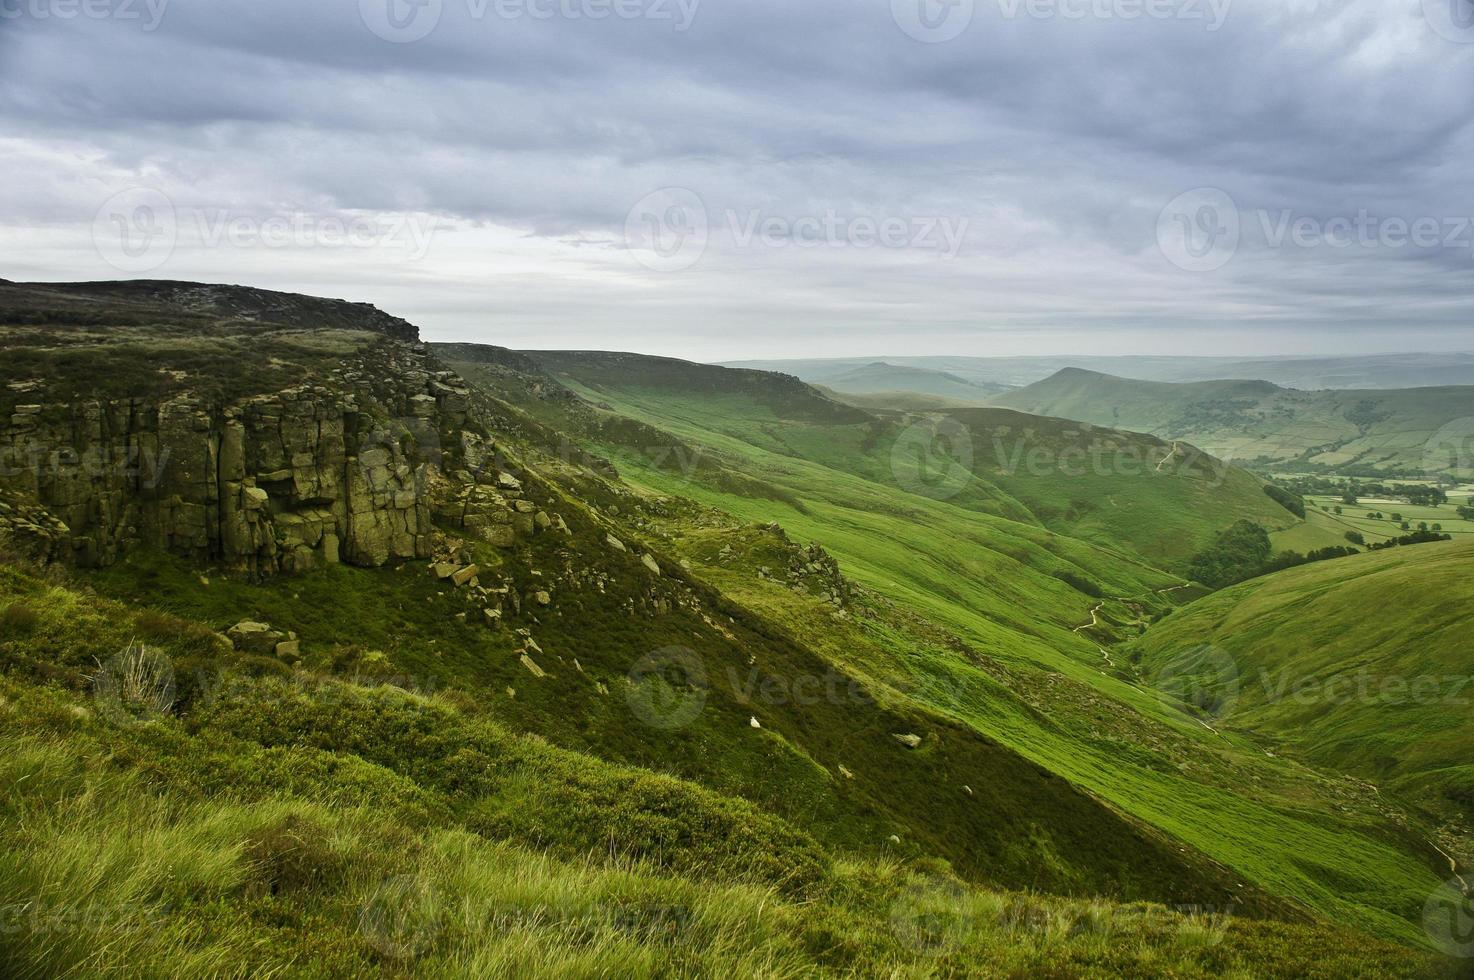 bellissimo paesaggio del parco nazionale di peak district nel regno unito foto